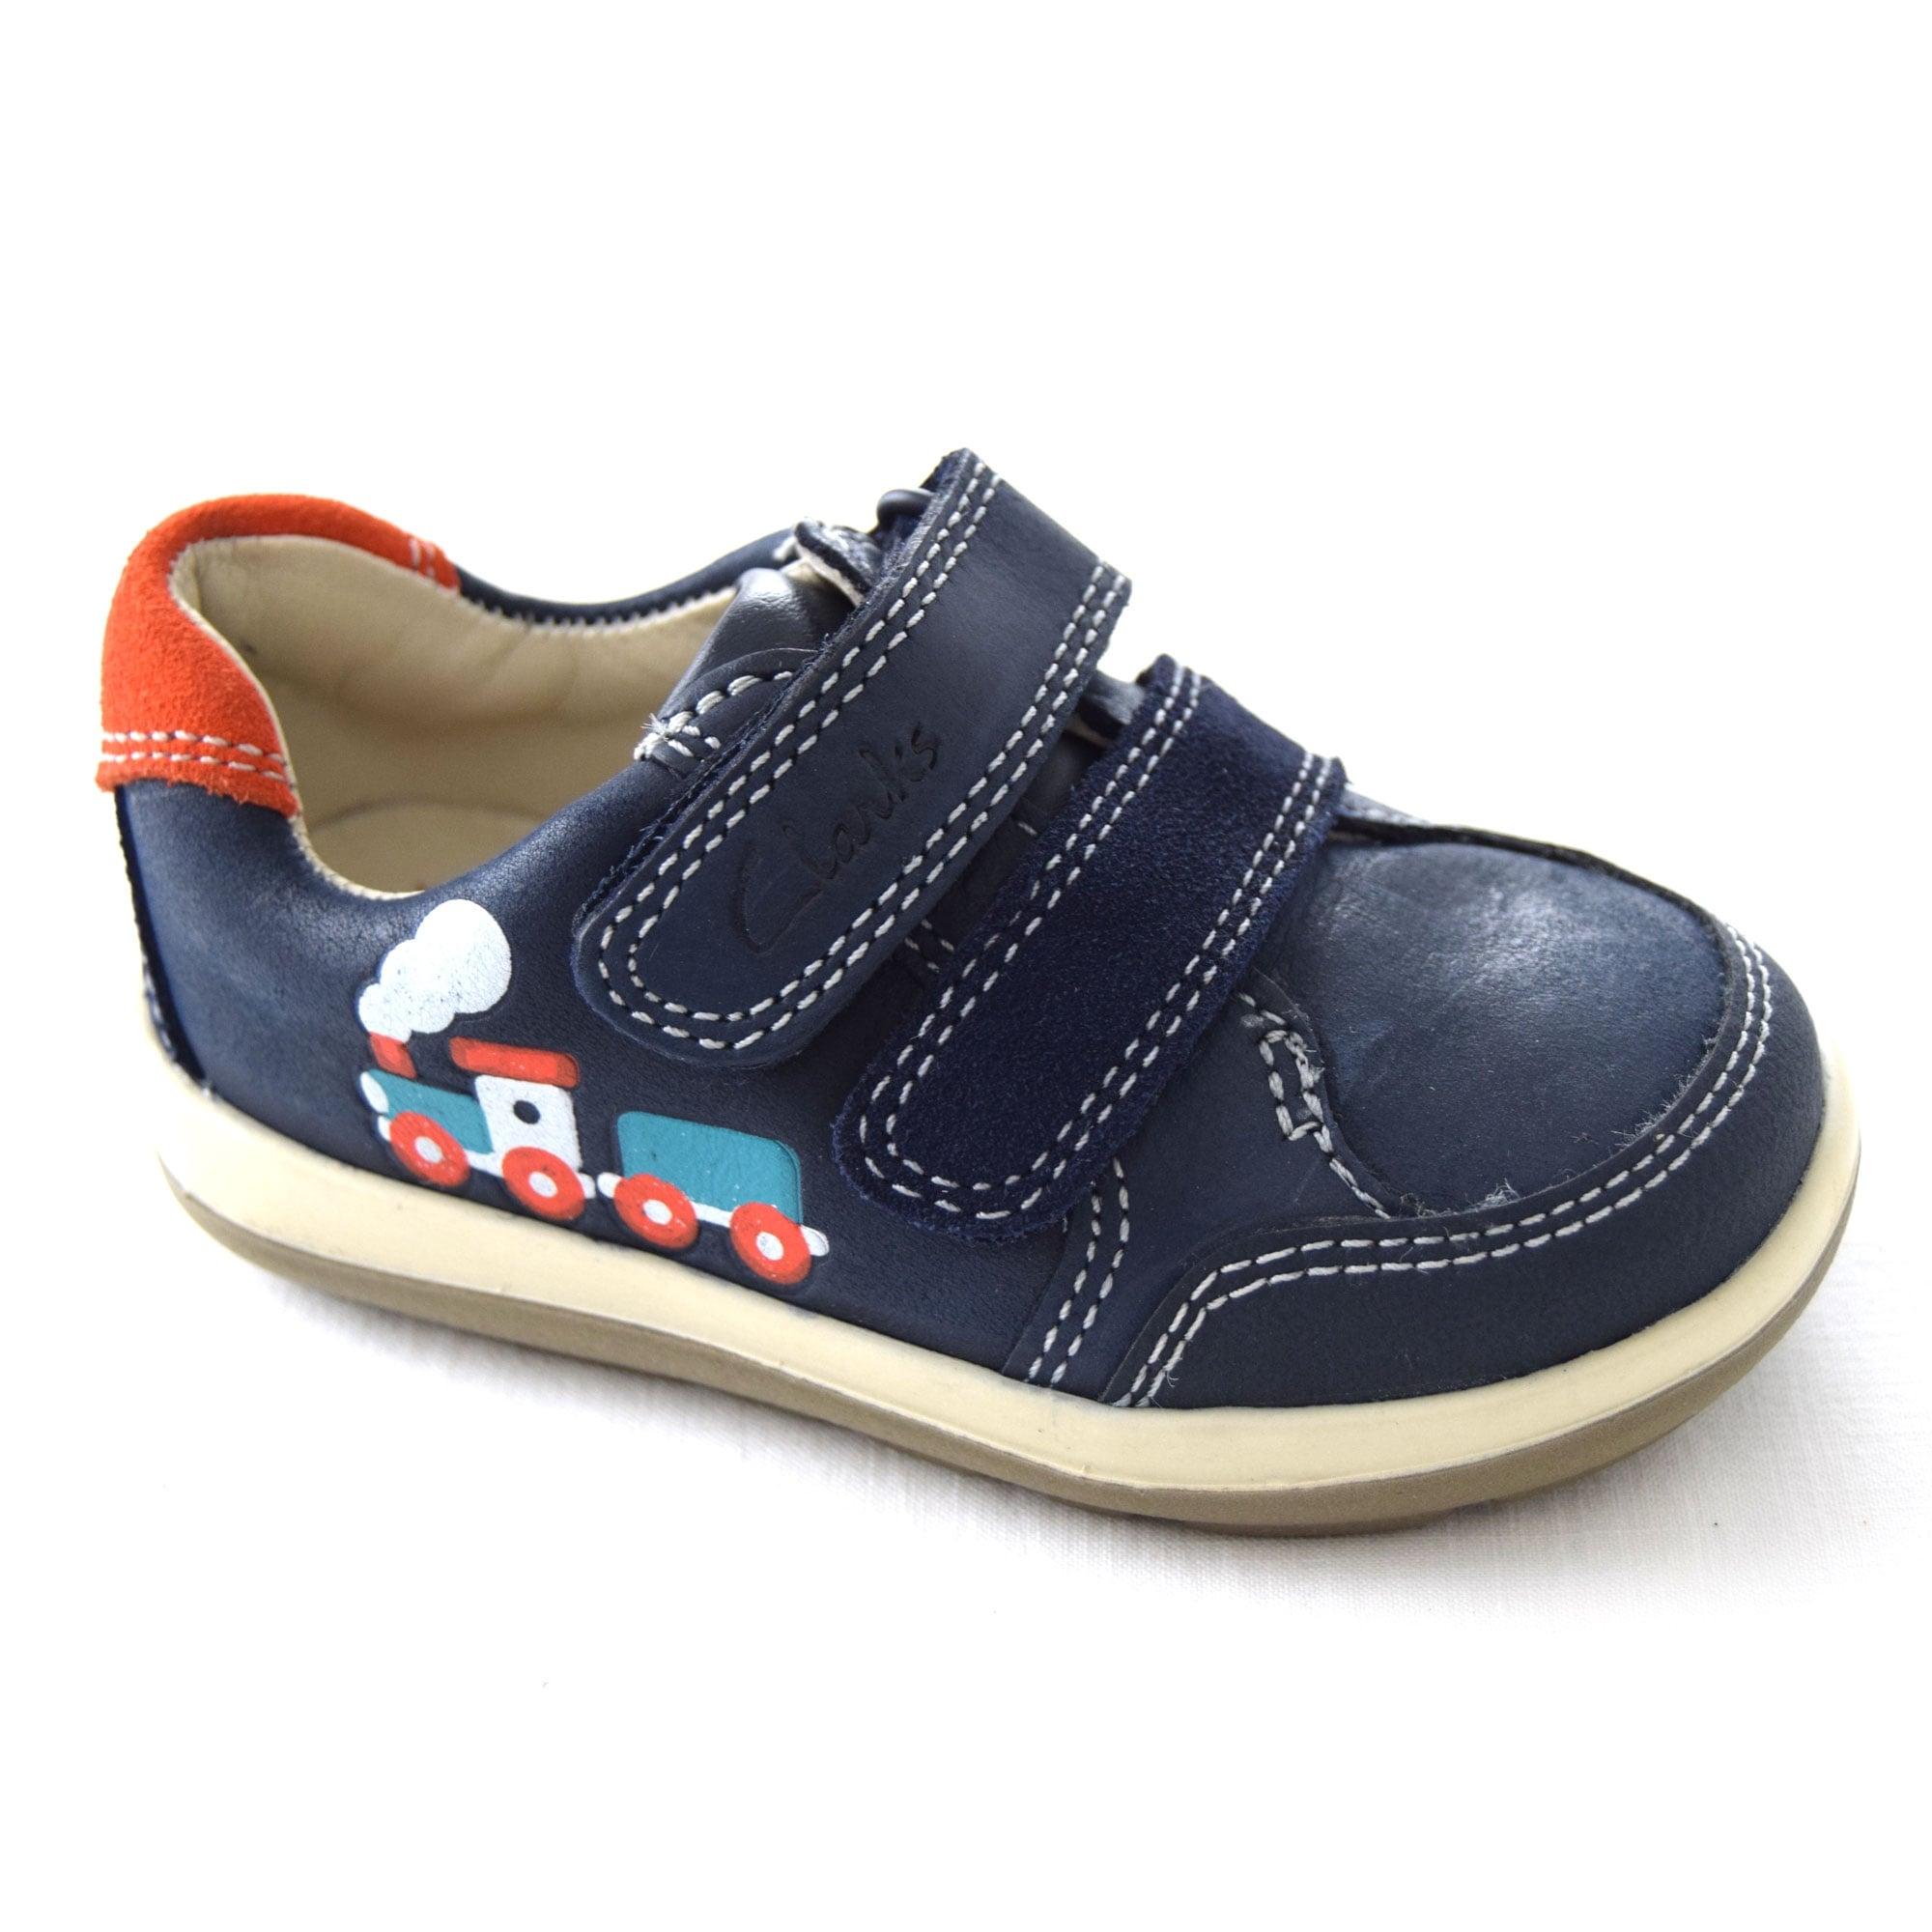 Clarks boys shoes in SE10 Greenwich